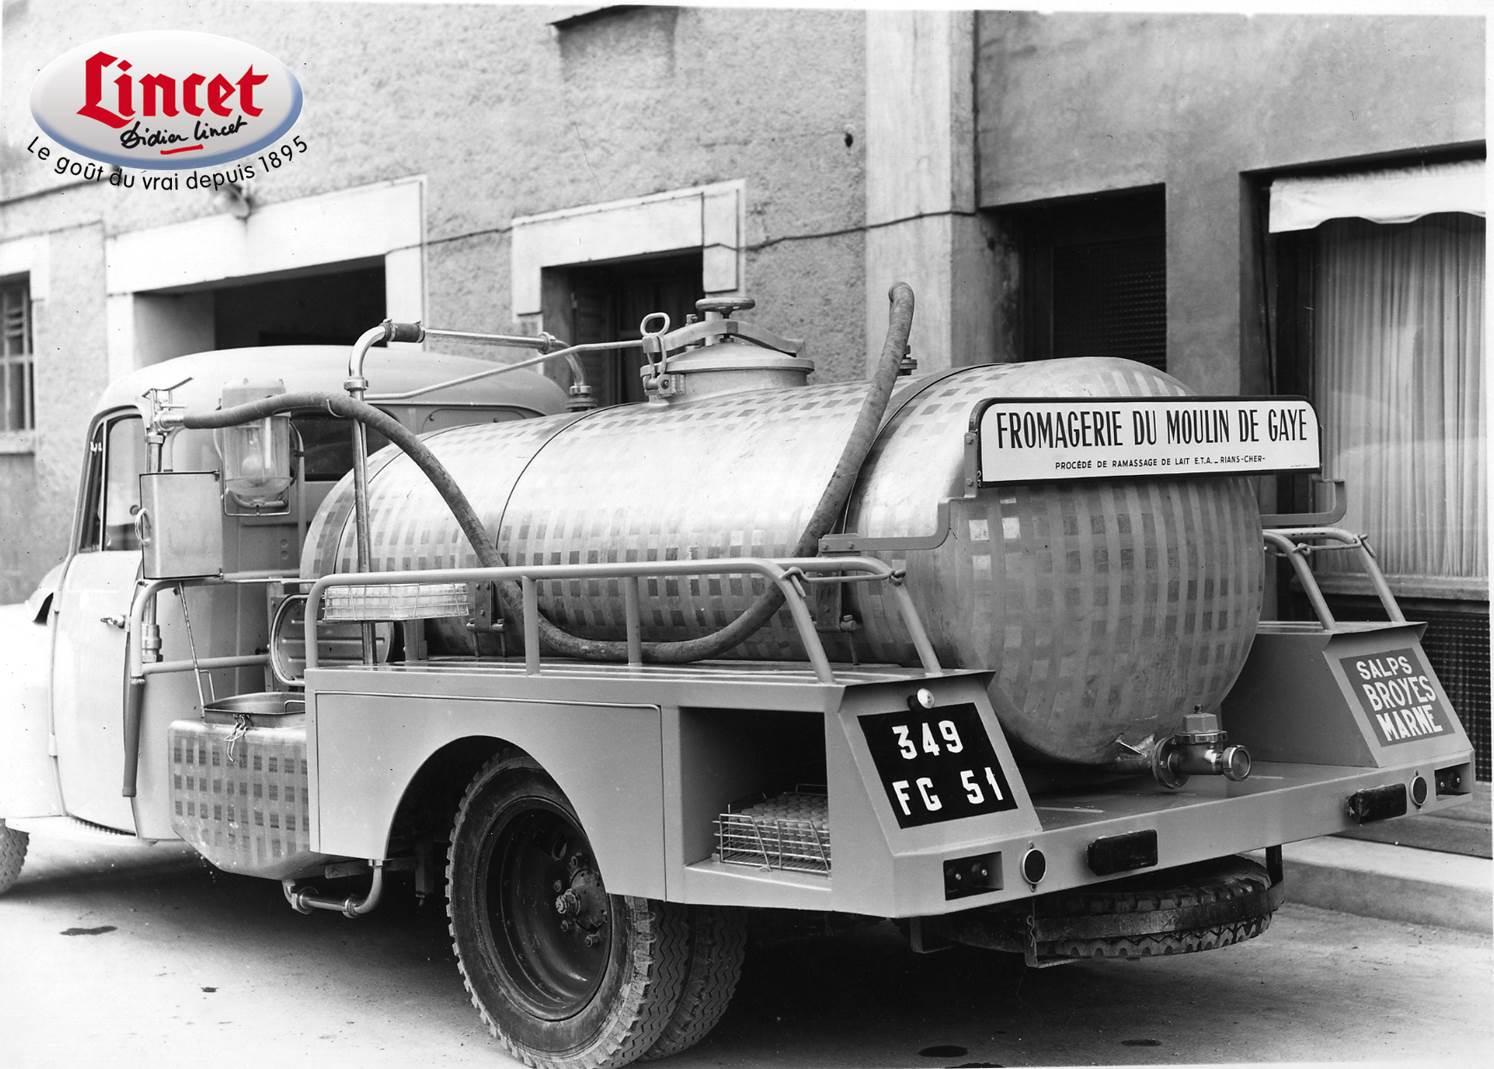 l 39 image du mois un camion de lait en 1957 fromagerie lincet. Black Bedroom Furniture Sets. Home Design Ideas